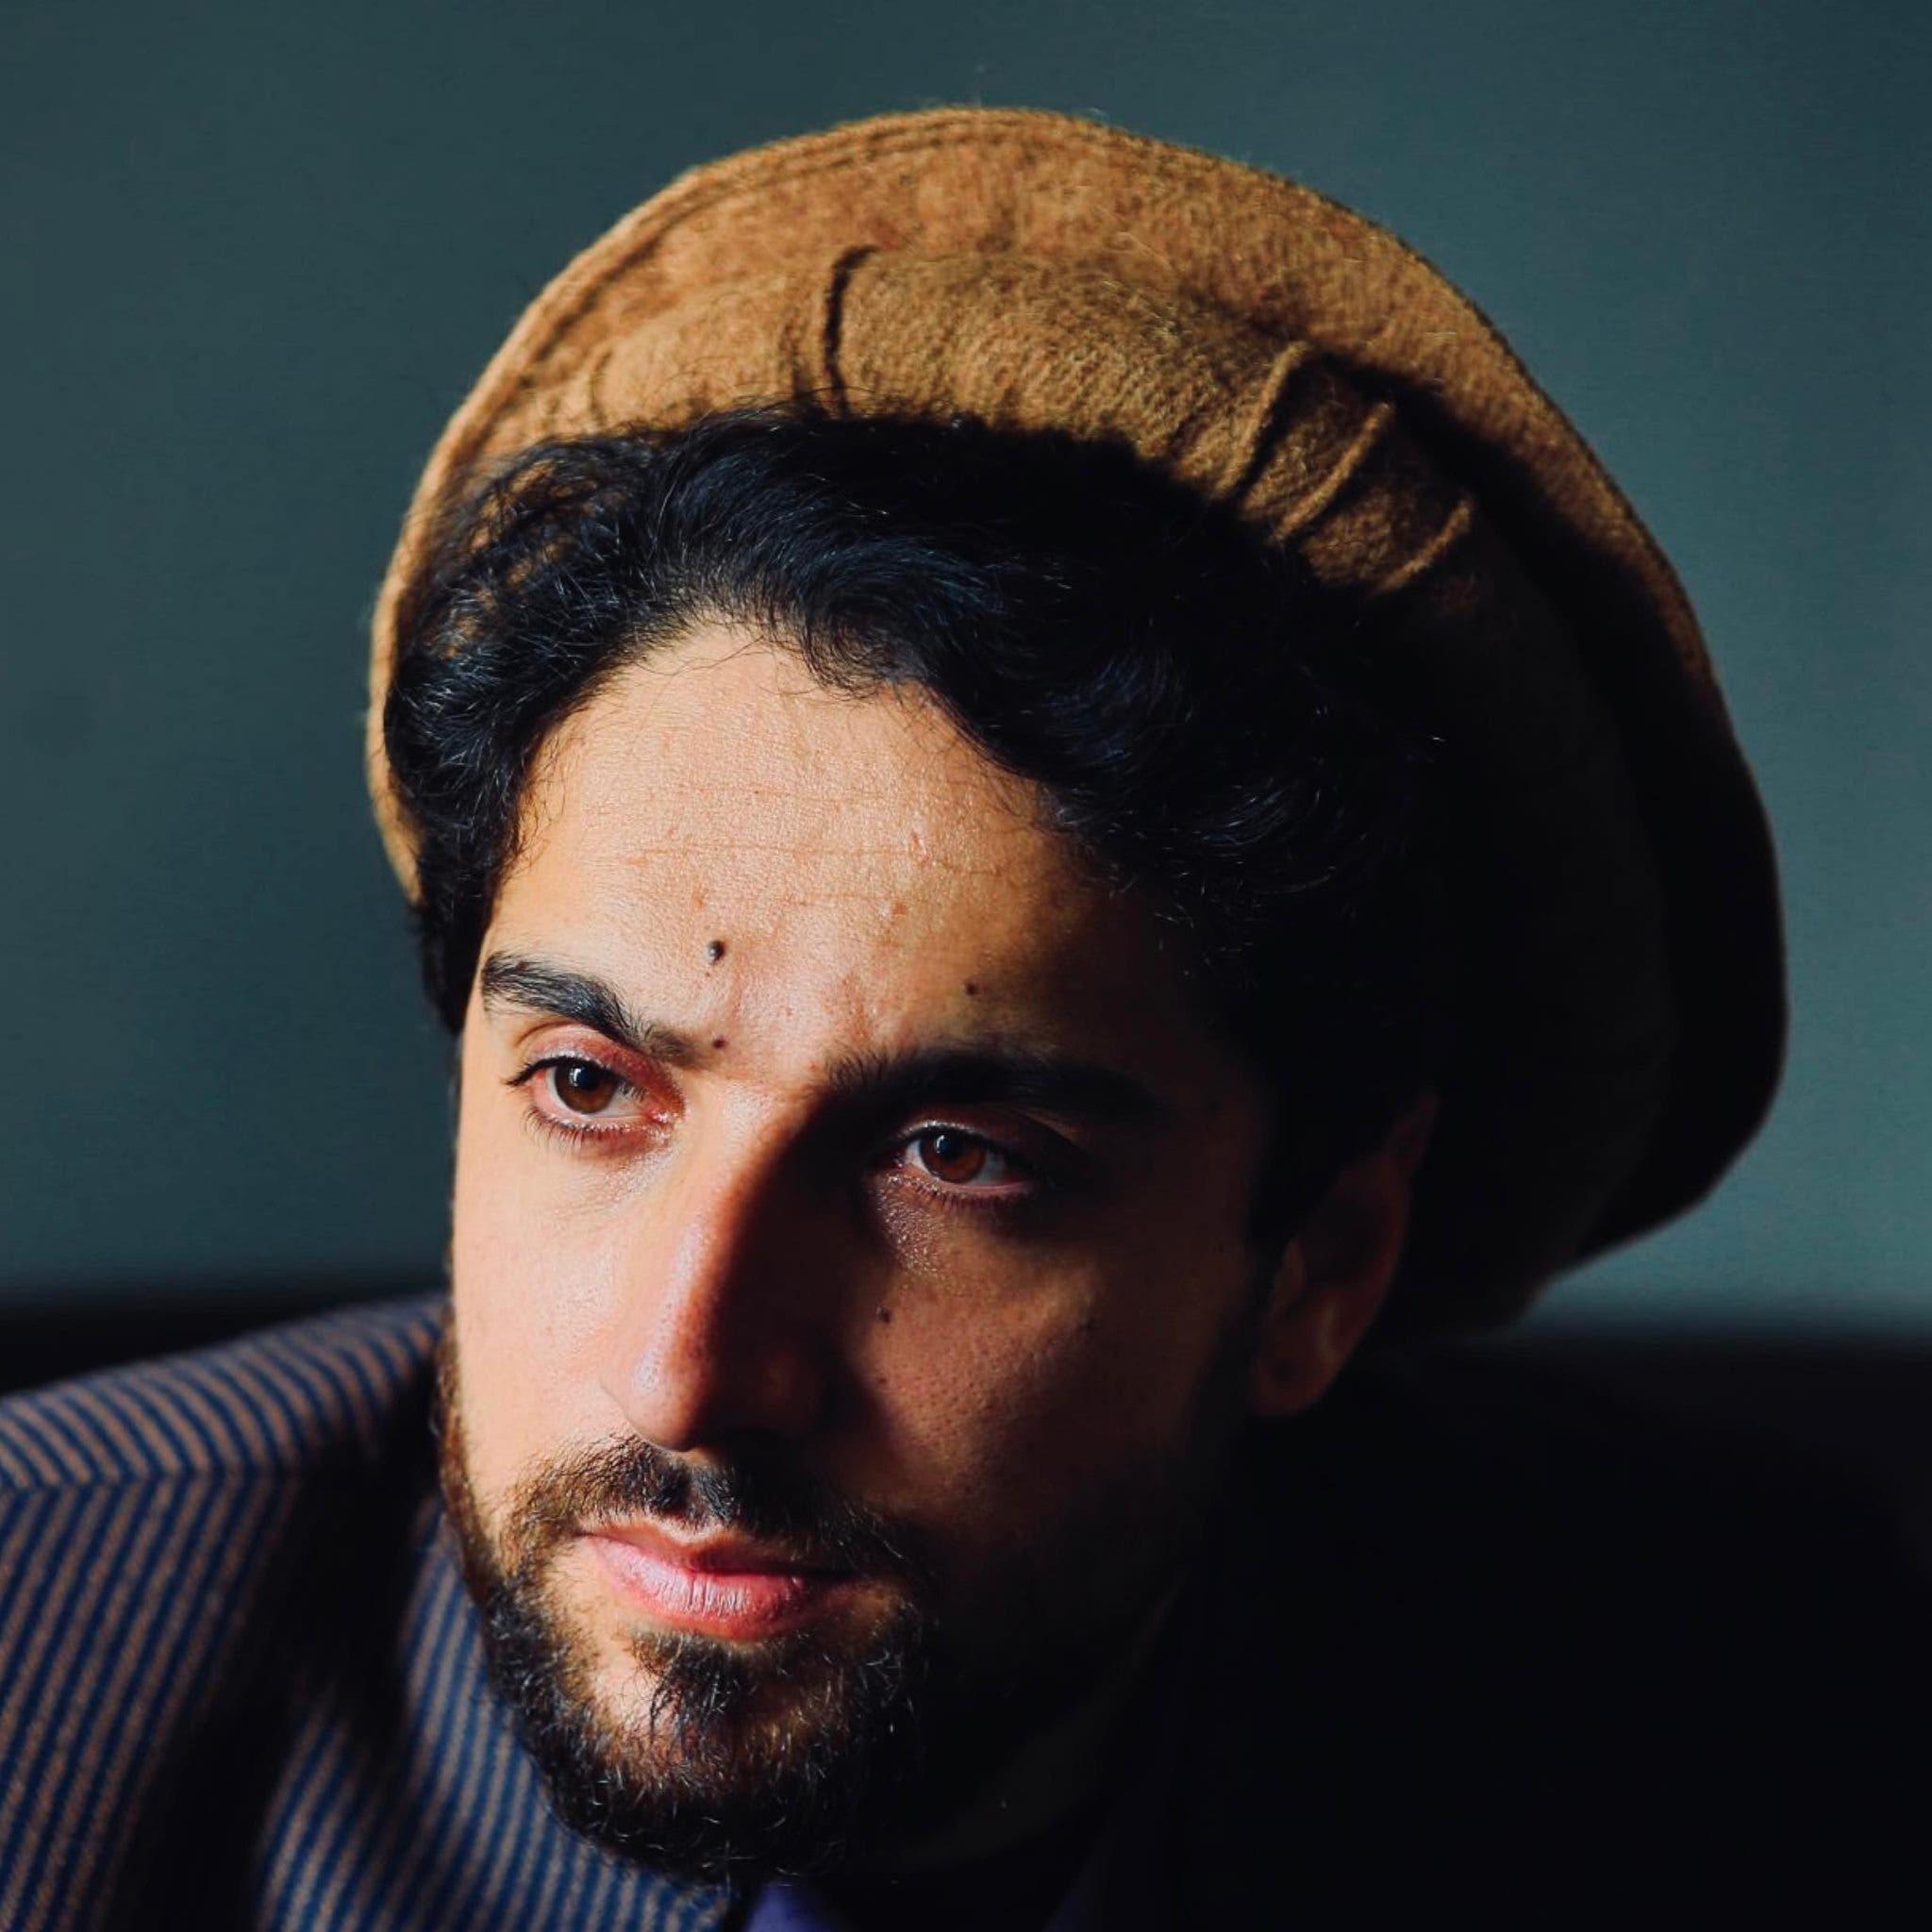 Wiilka Ahmed Shah Massoud oo ku dhowaqay dagaal ka dhan ah ururka Taalibaan